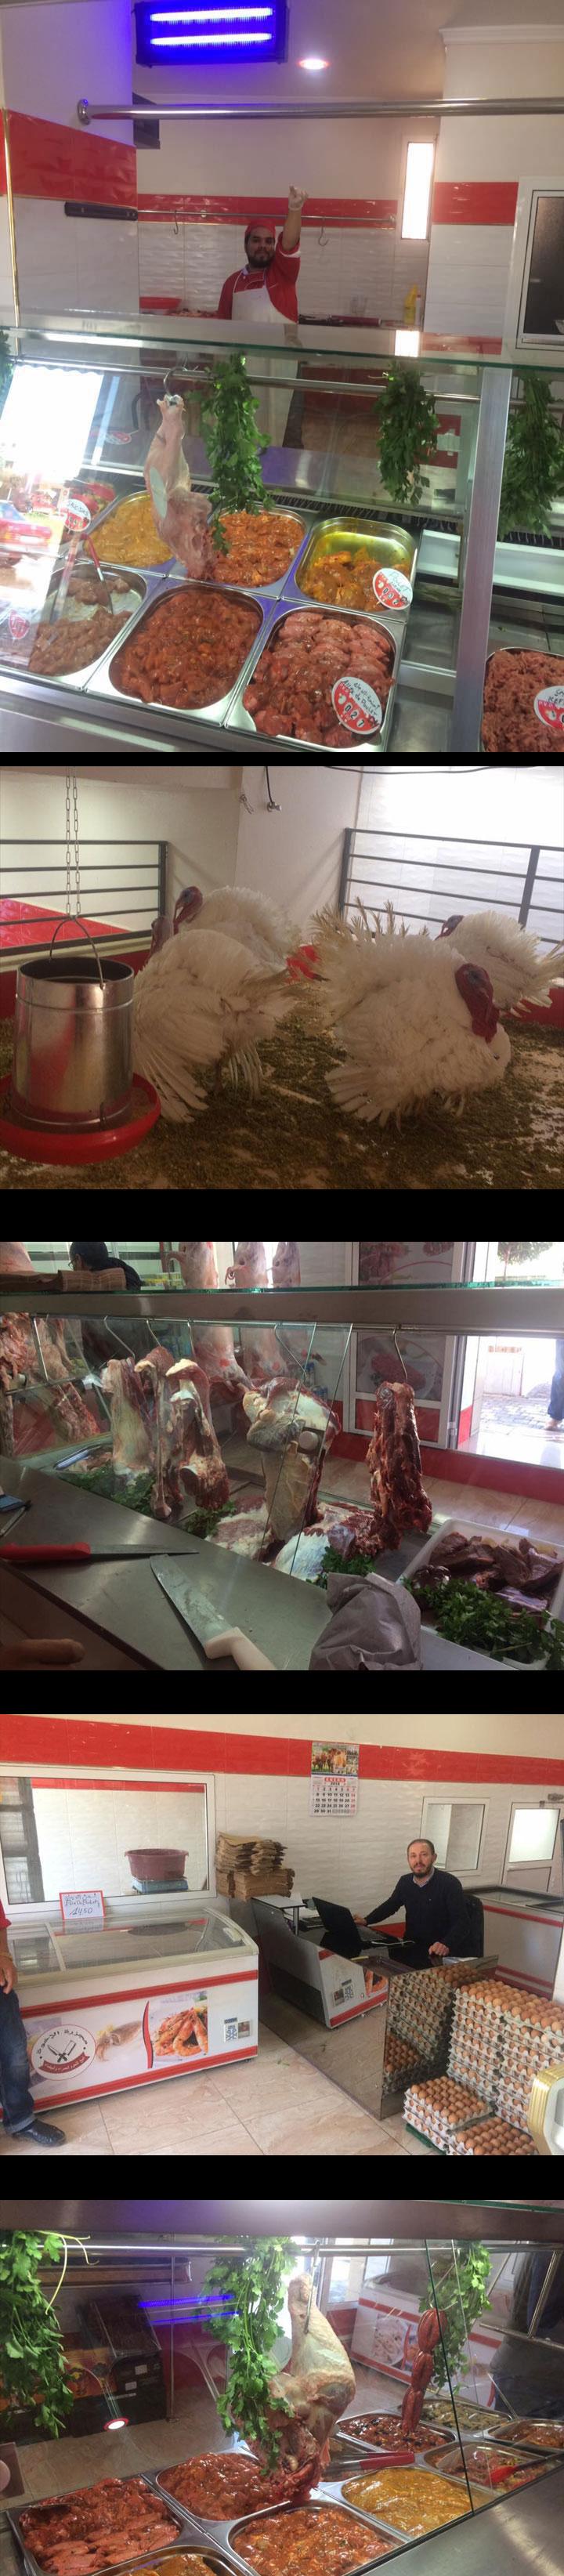 """ببني أنصار مجزرة """" الإخوة"""" متخصصة في بيع شتى أنواع اللحوم الحمراء والبيضاء ومشتقاتهما"""